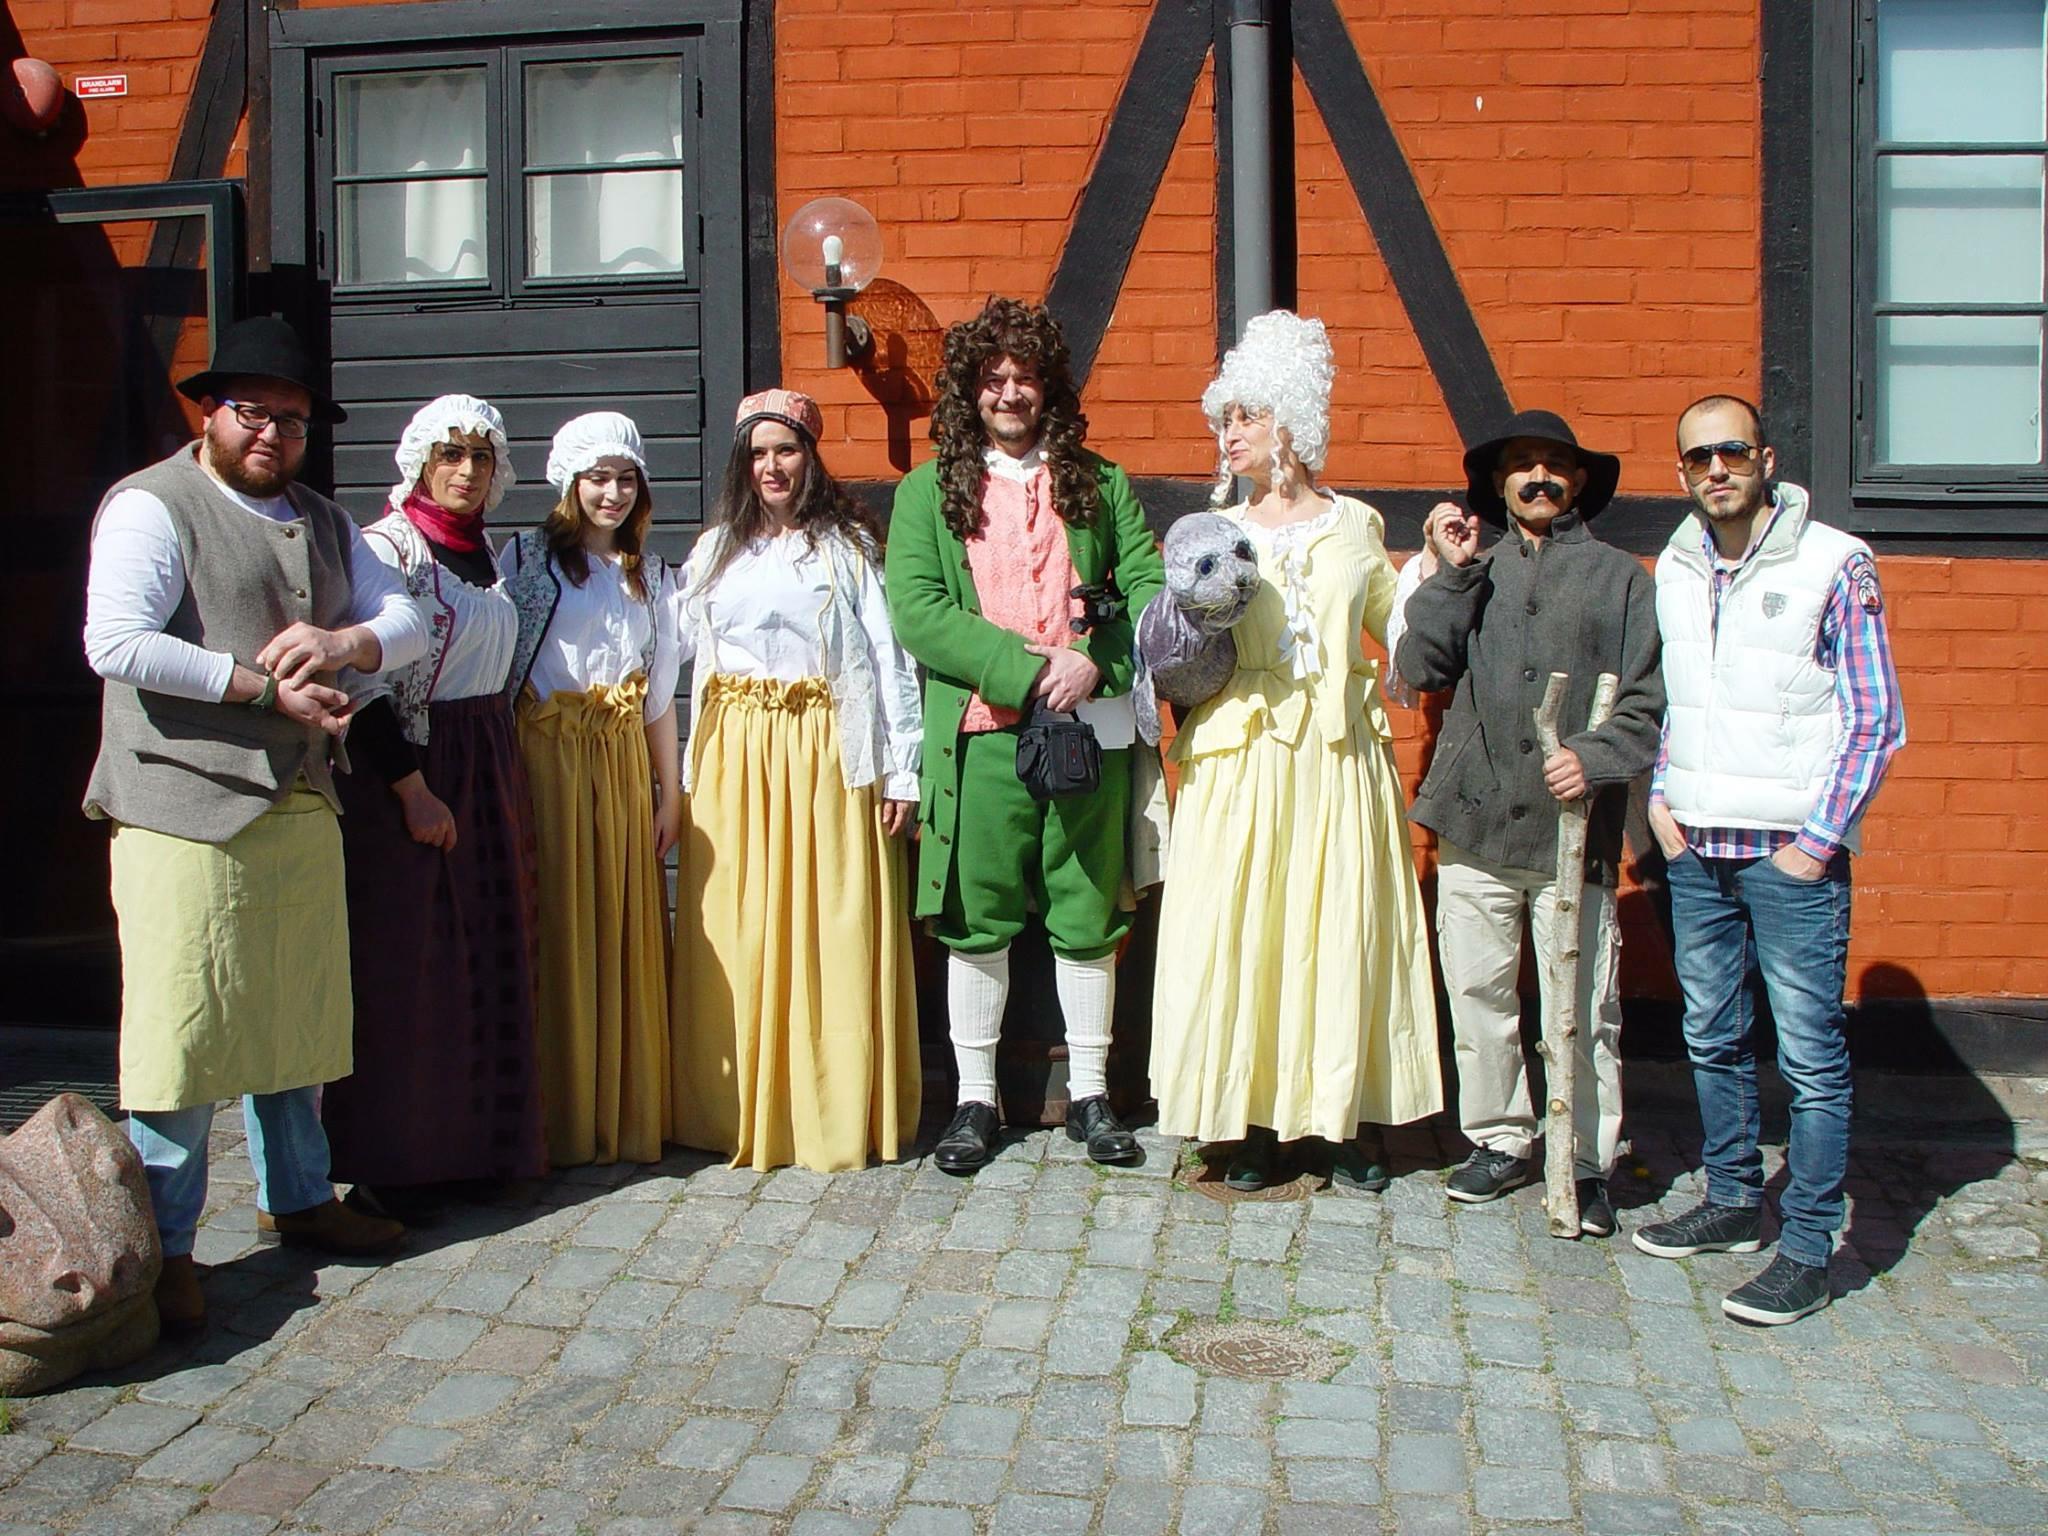 Teaterföreställningar – följ Utis & Paddis resa tillbaka till 1700-talet